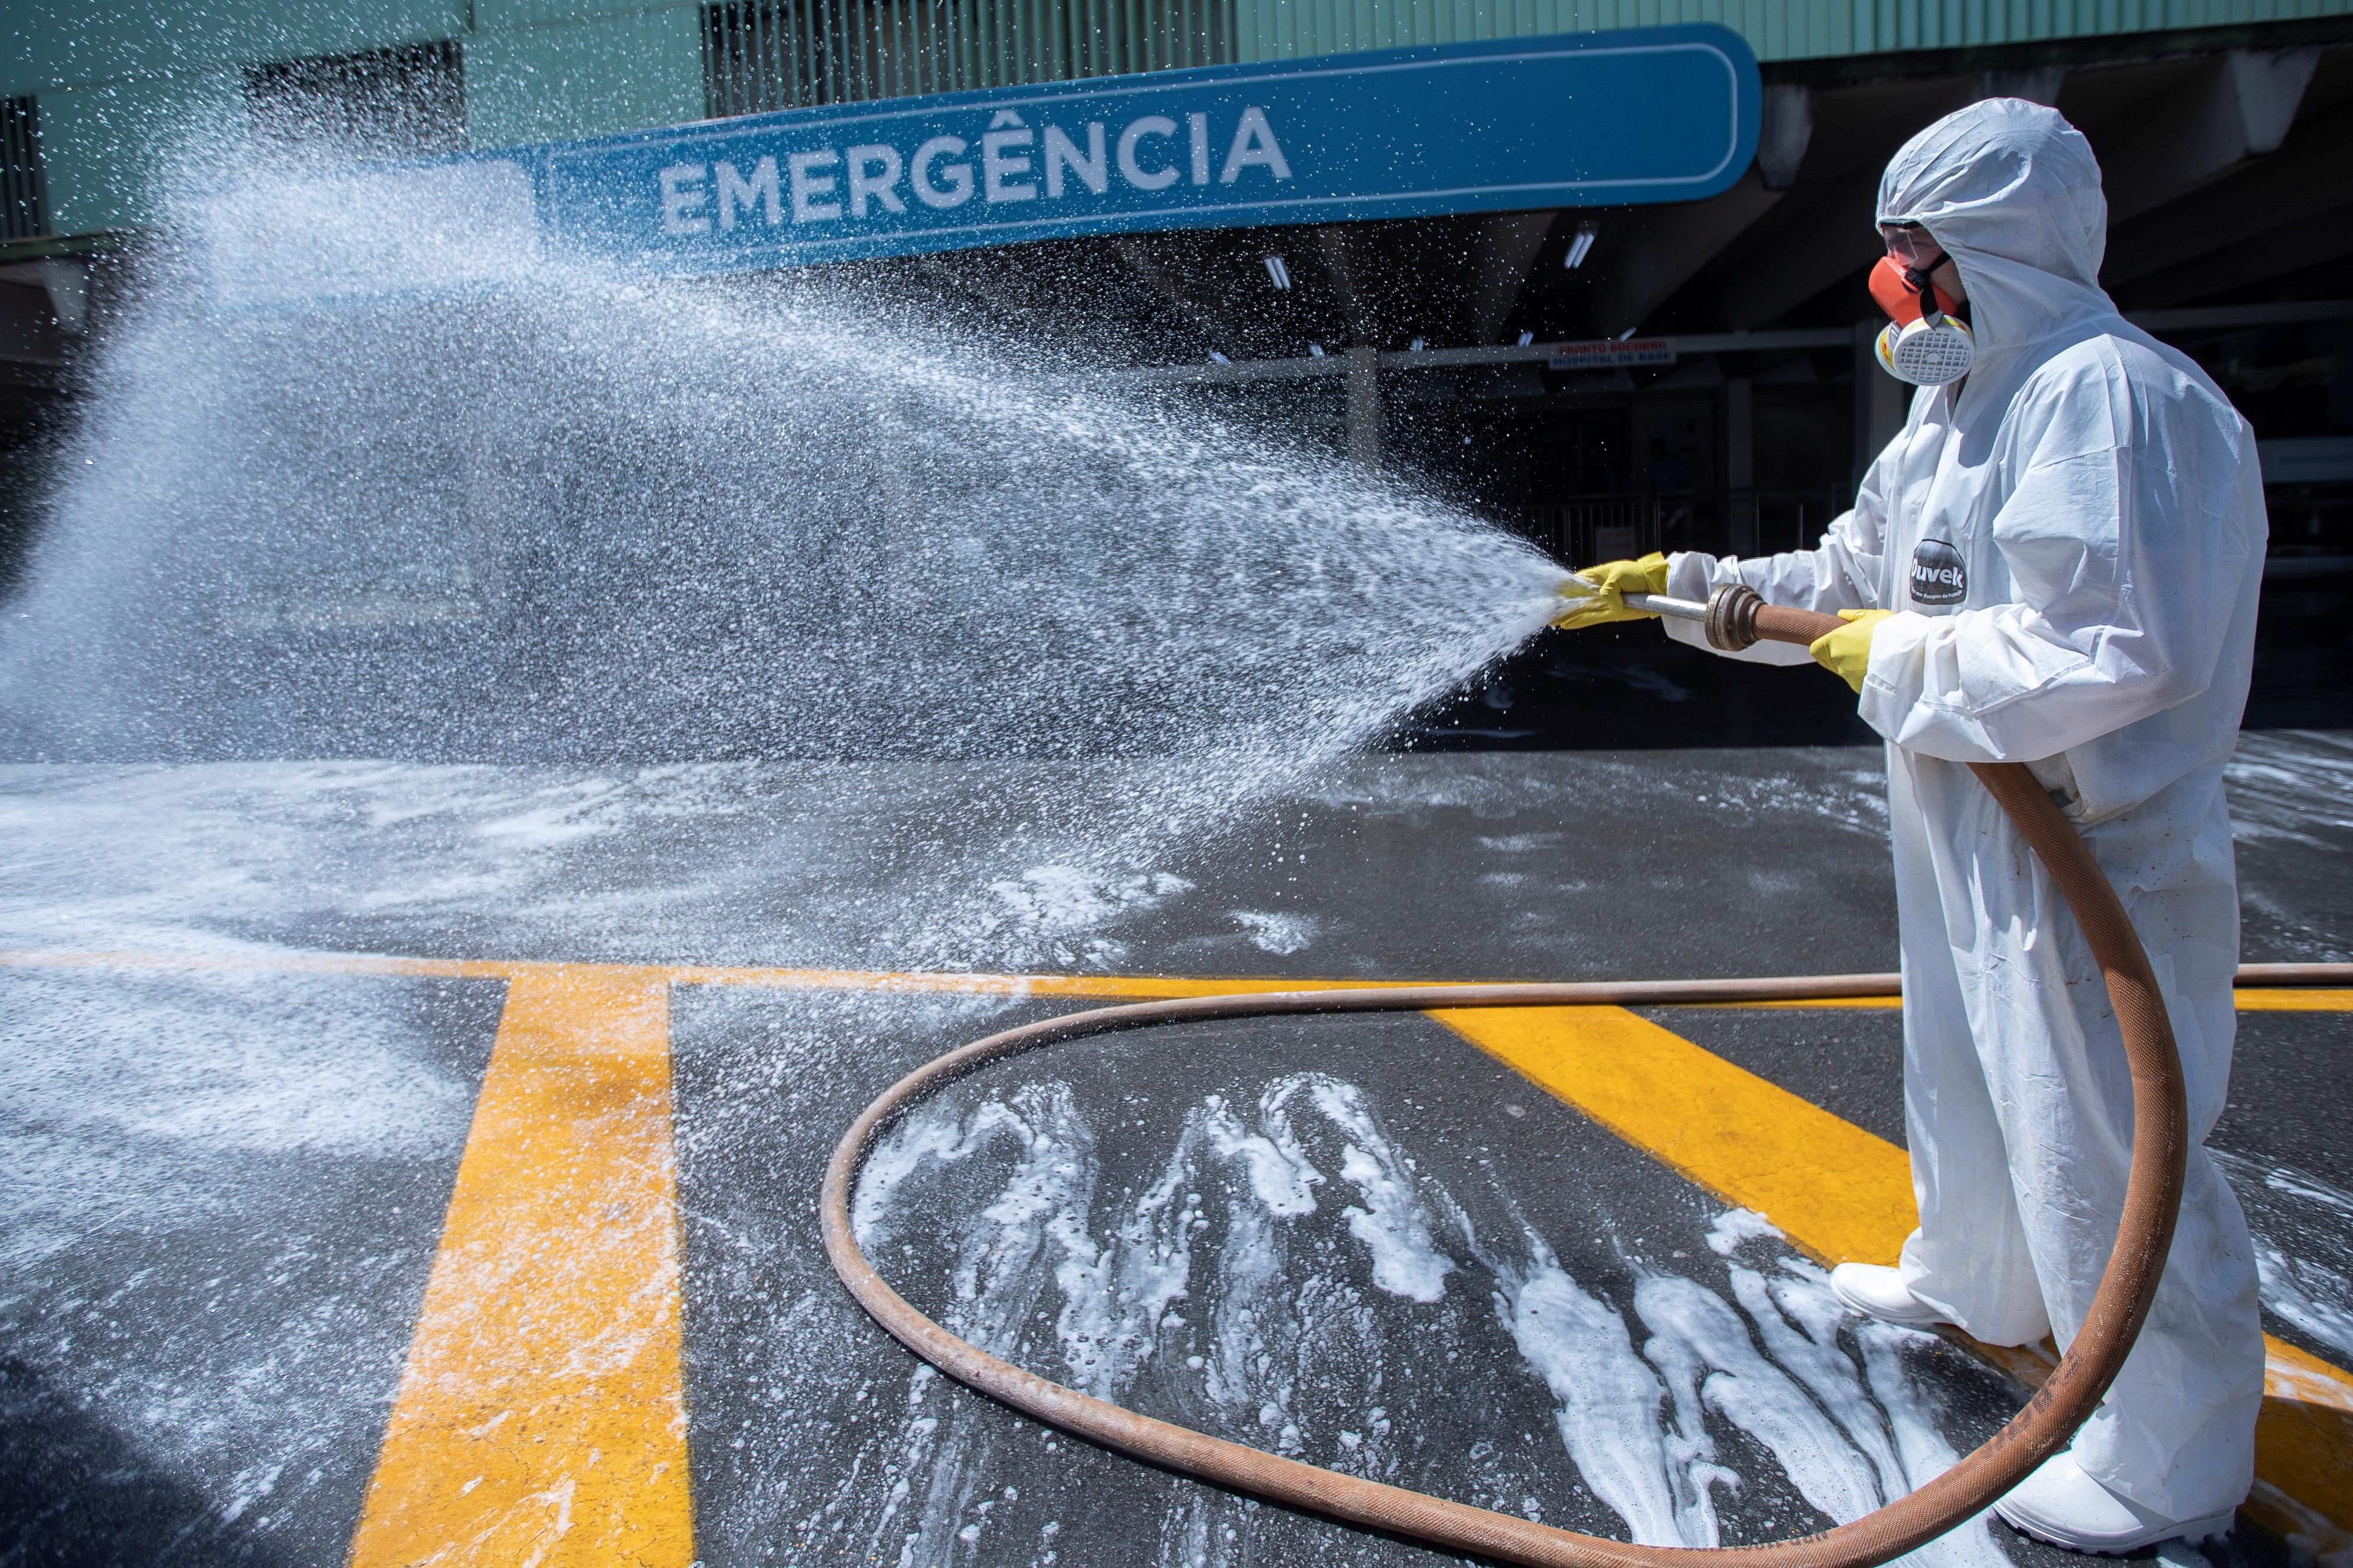 COVID-19: Ministro brasileiro diz que pedirá desculpas à China se receber ventiladores